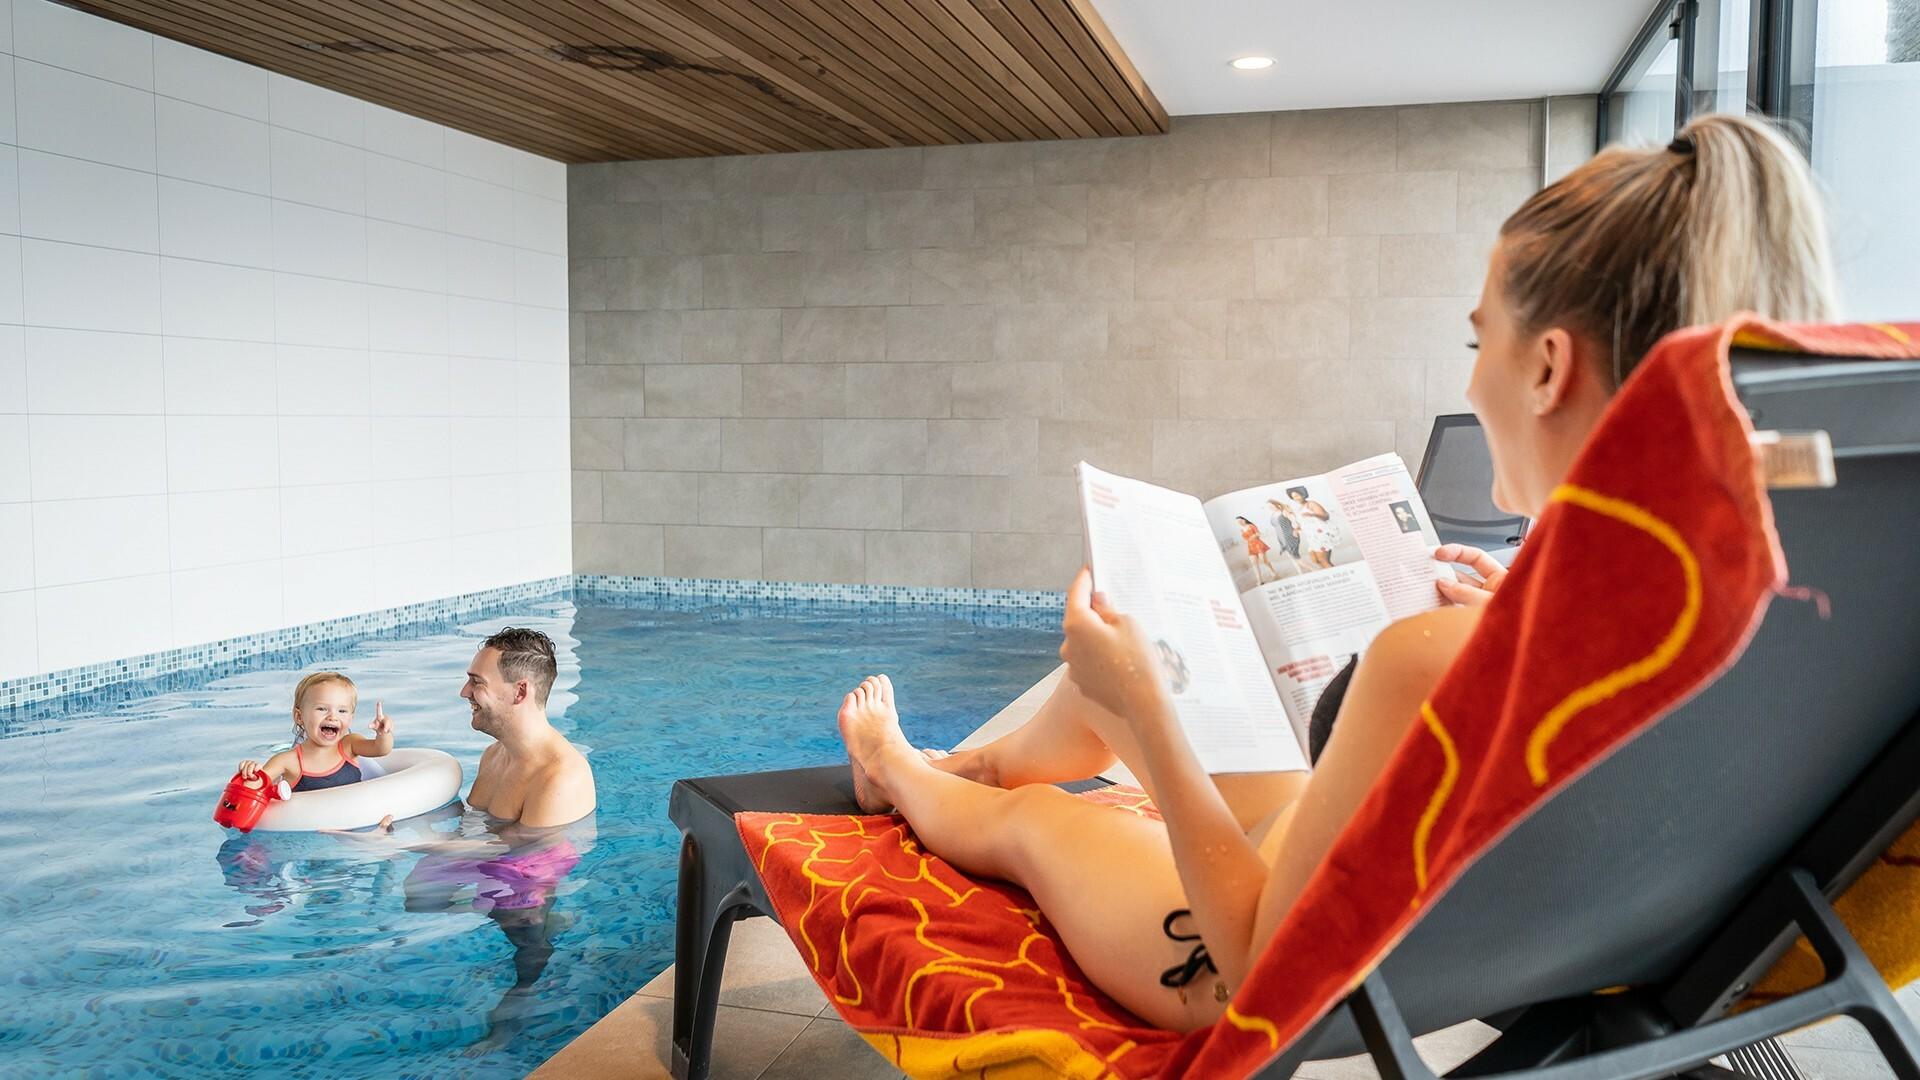 Met gezin vakantie vieren in vakantievilla met zwemad VVV Texel